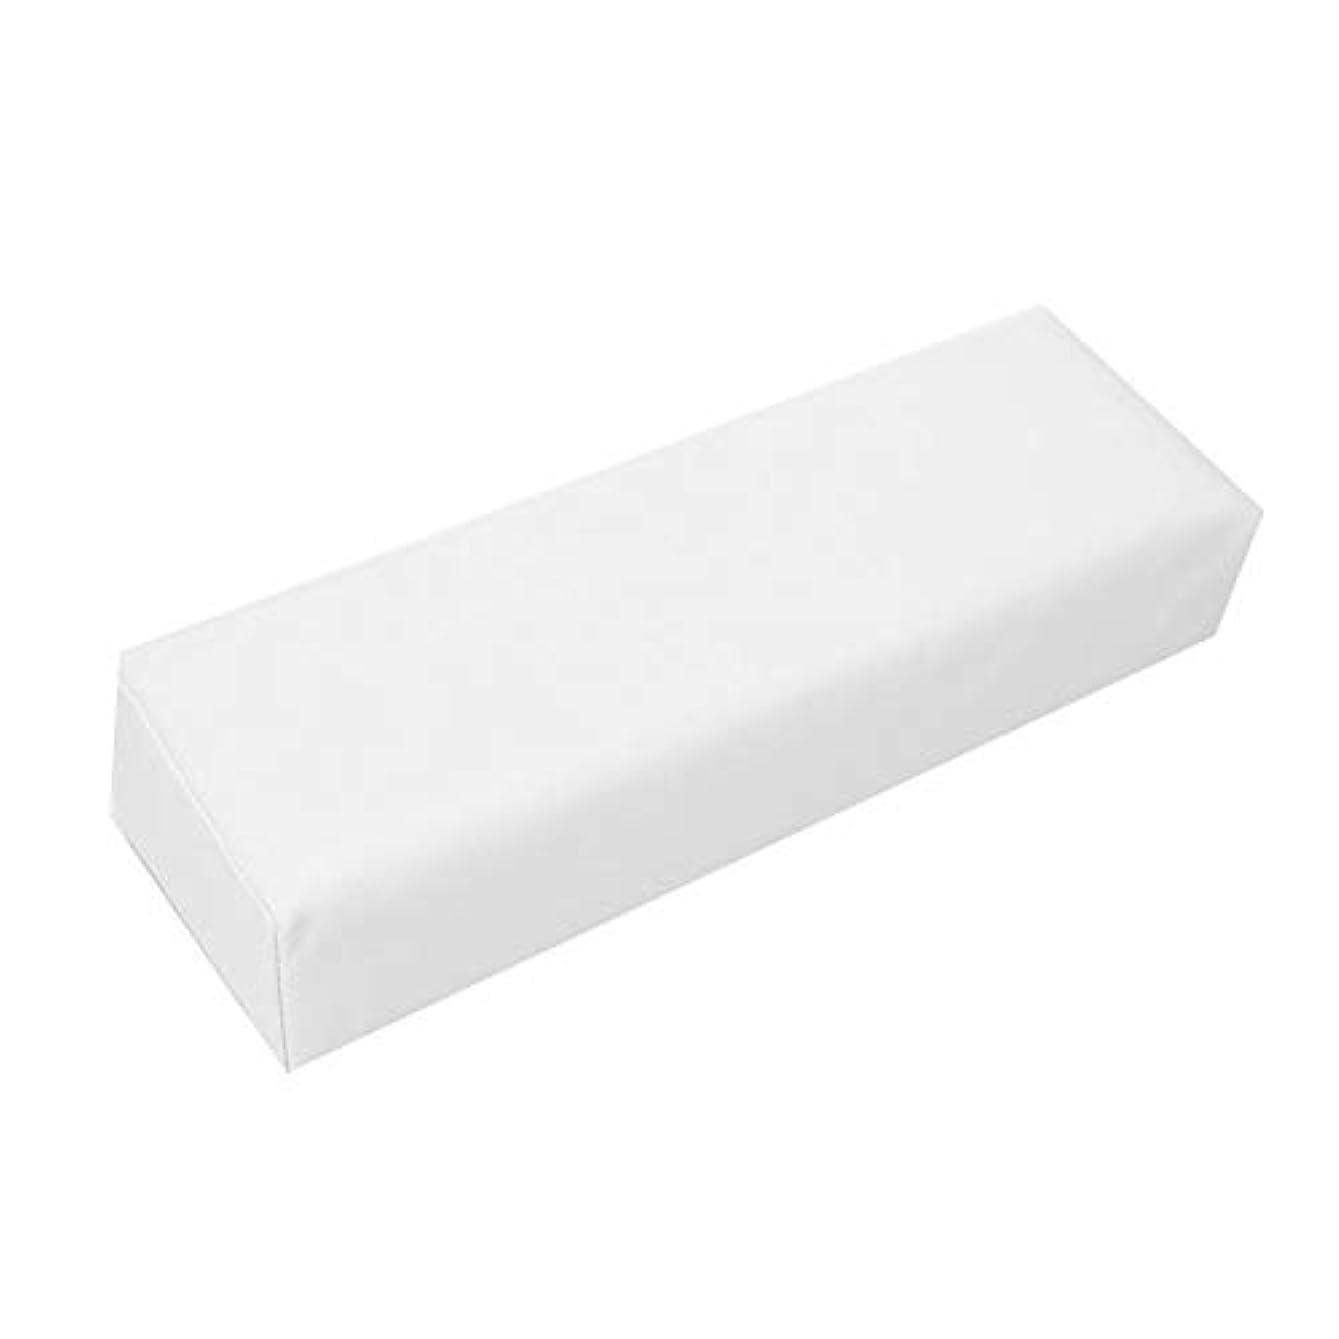 落胆するアンケート立ち向かうdootiネイル用アームレスト 人工レザー 清潔容易 手をサポート 練習用にも 高弾性な充填物 美容院 美容室 ネイルサロン 理容室に適用(ホワイト)